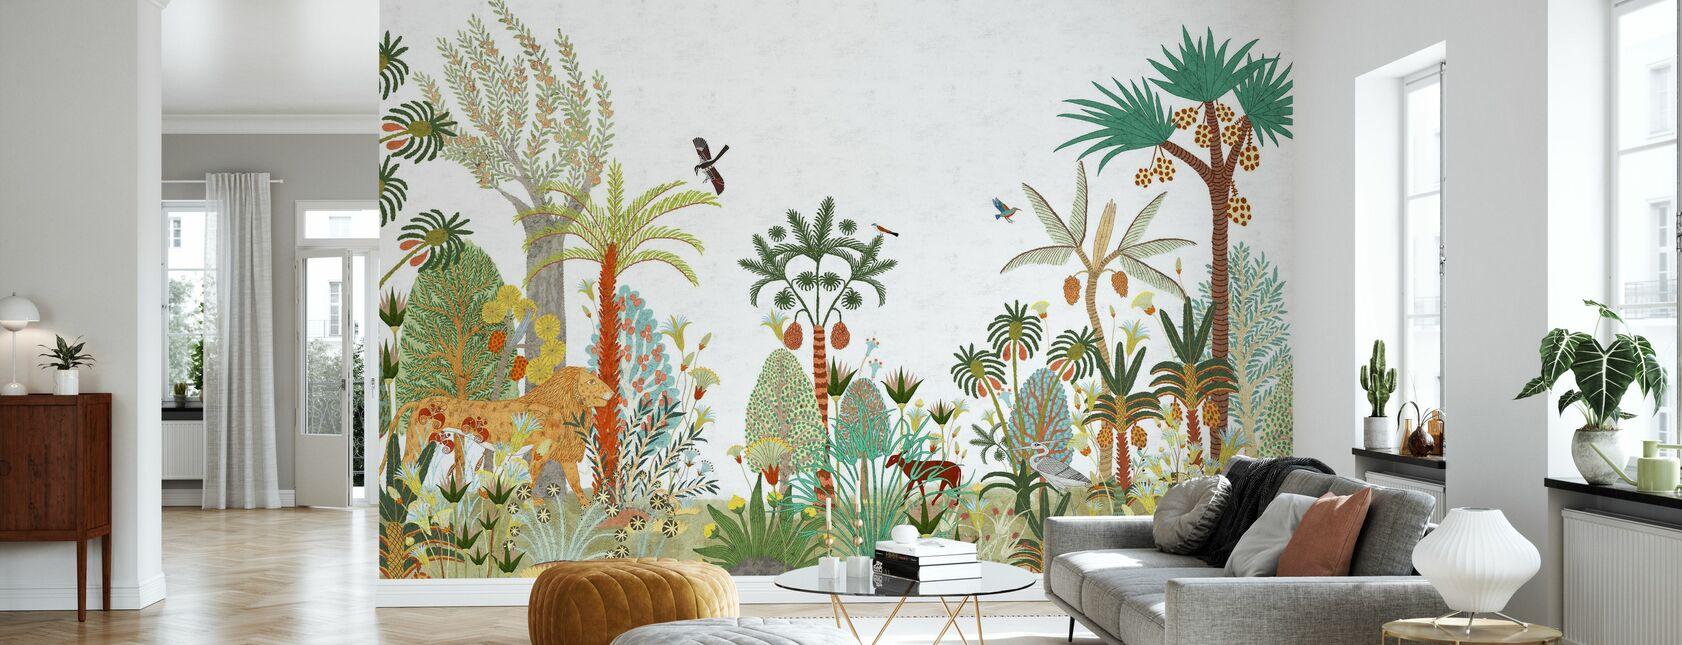 Egypt Wilderness - Wallpaper - Living Room